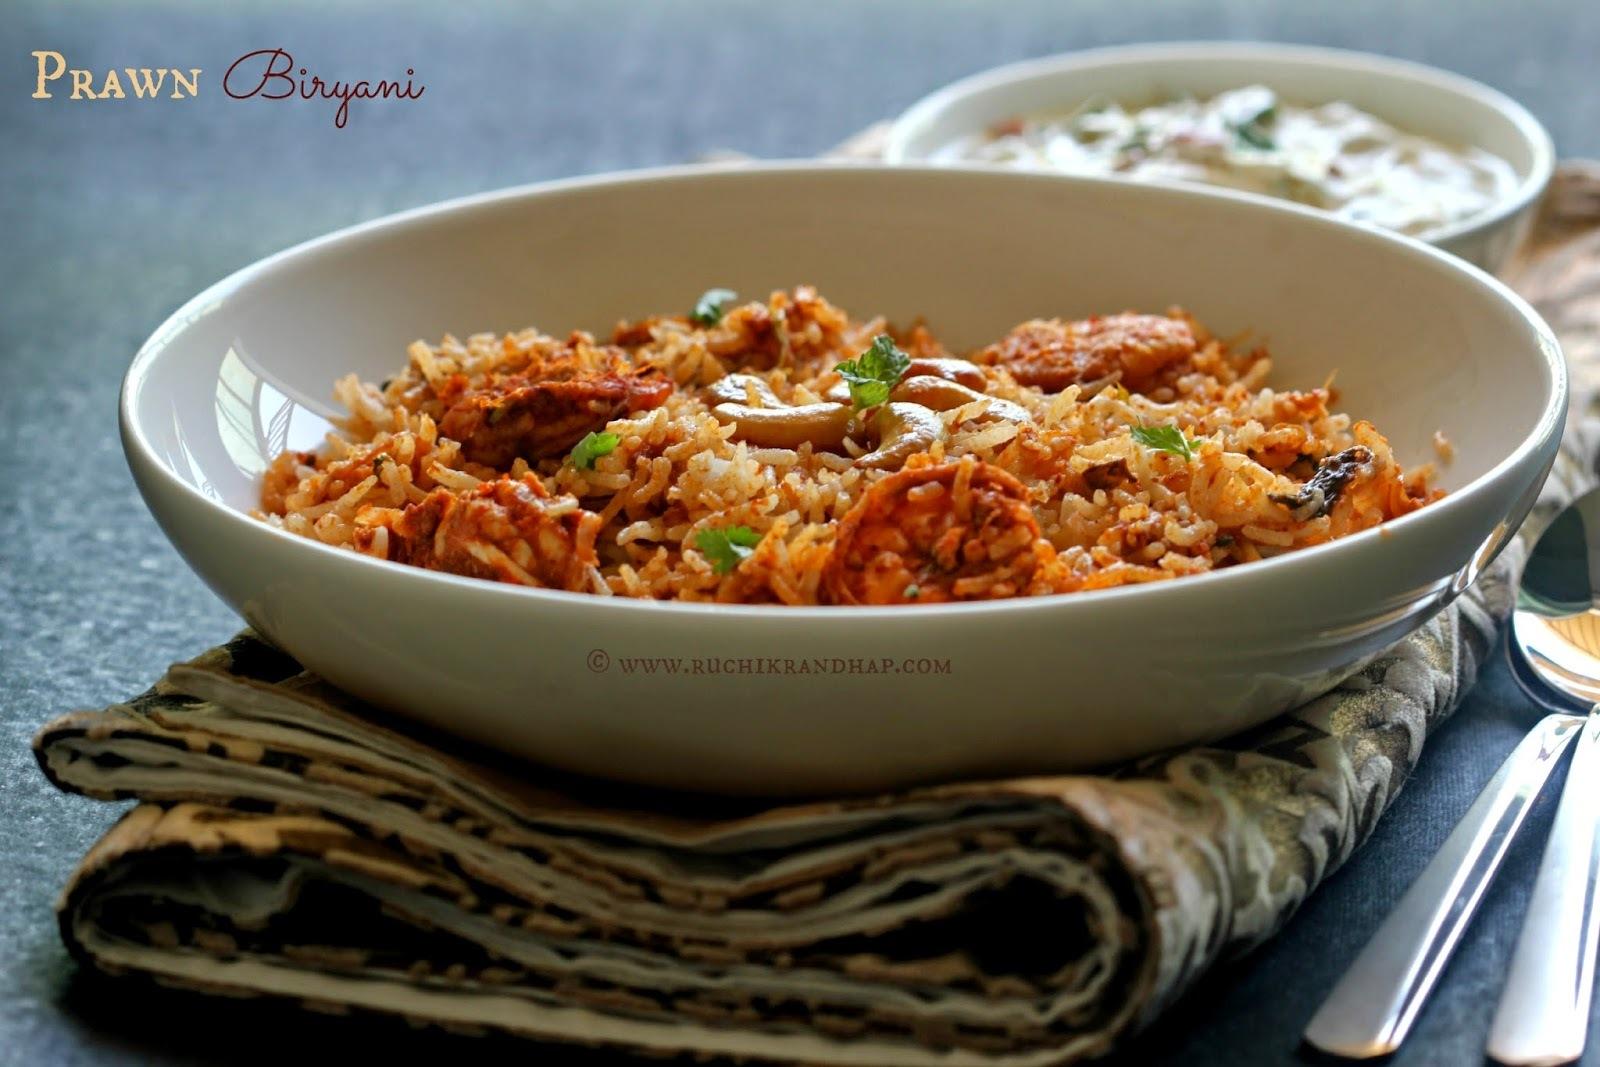 Prawn Biryani ~ When The Hubby Cooks!